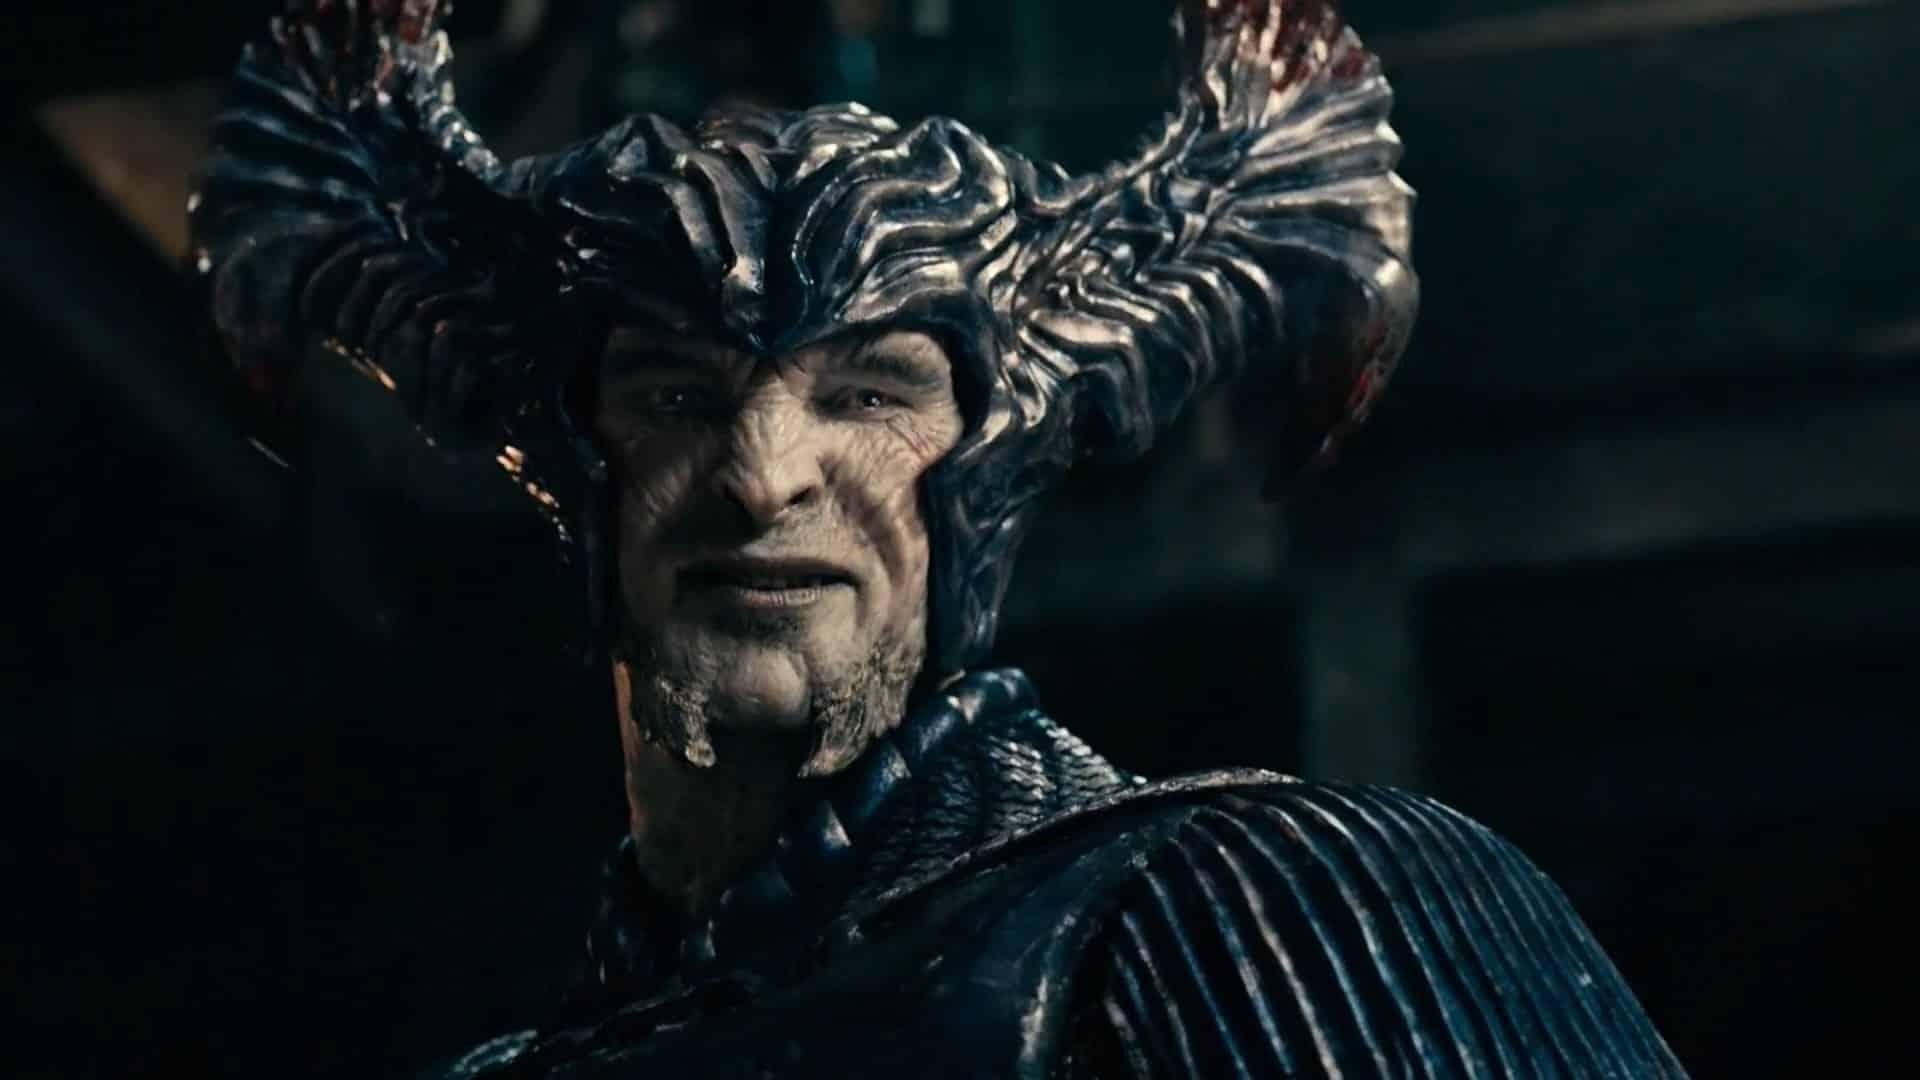 Riprogettazione di Steppenwolf nella Justice League di Zack Snyder + steppenwolf